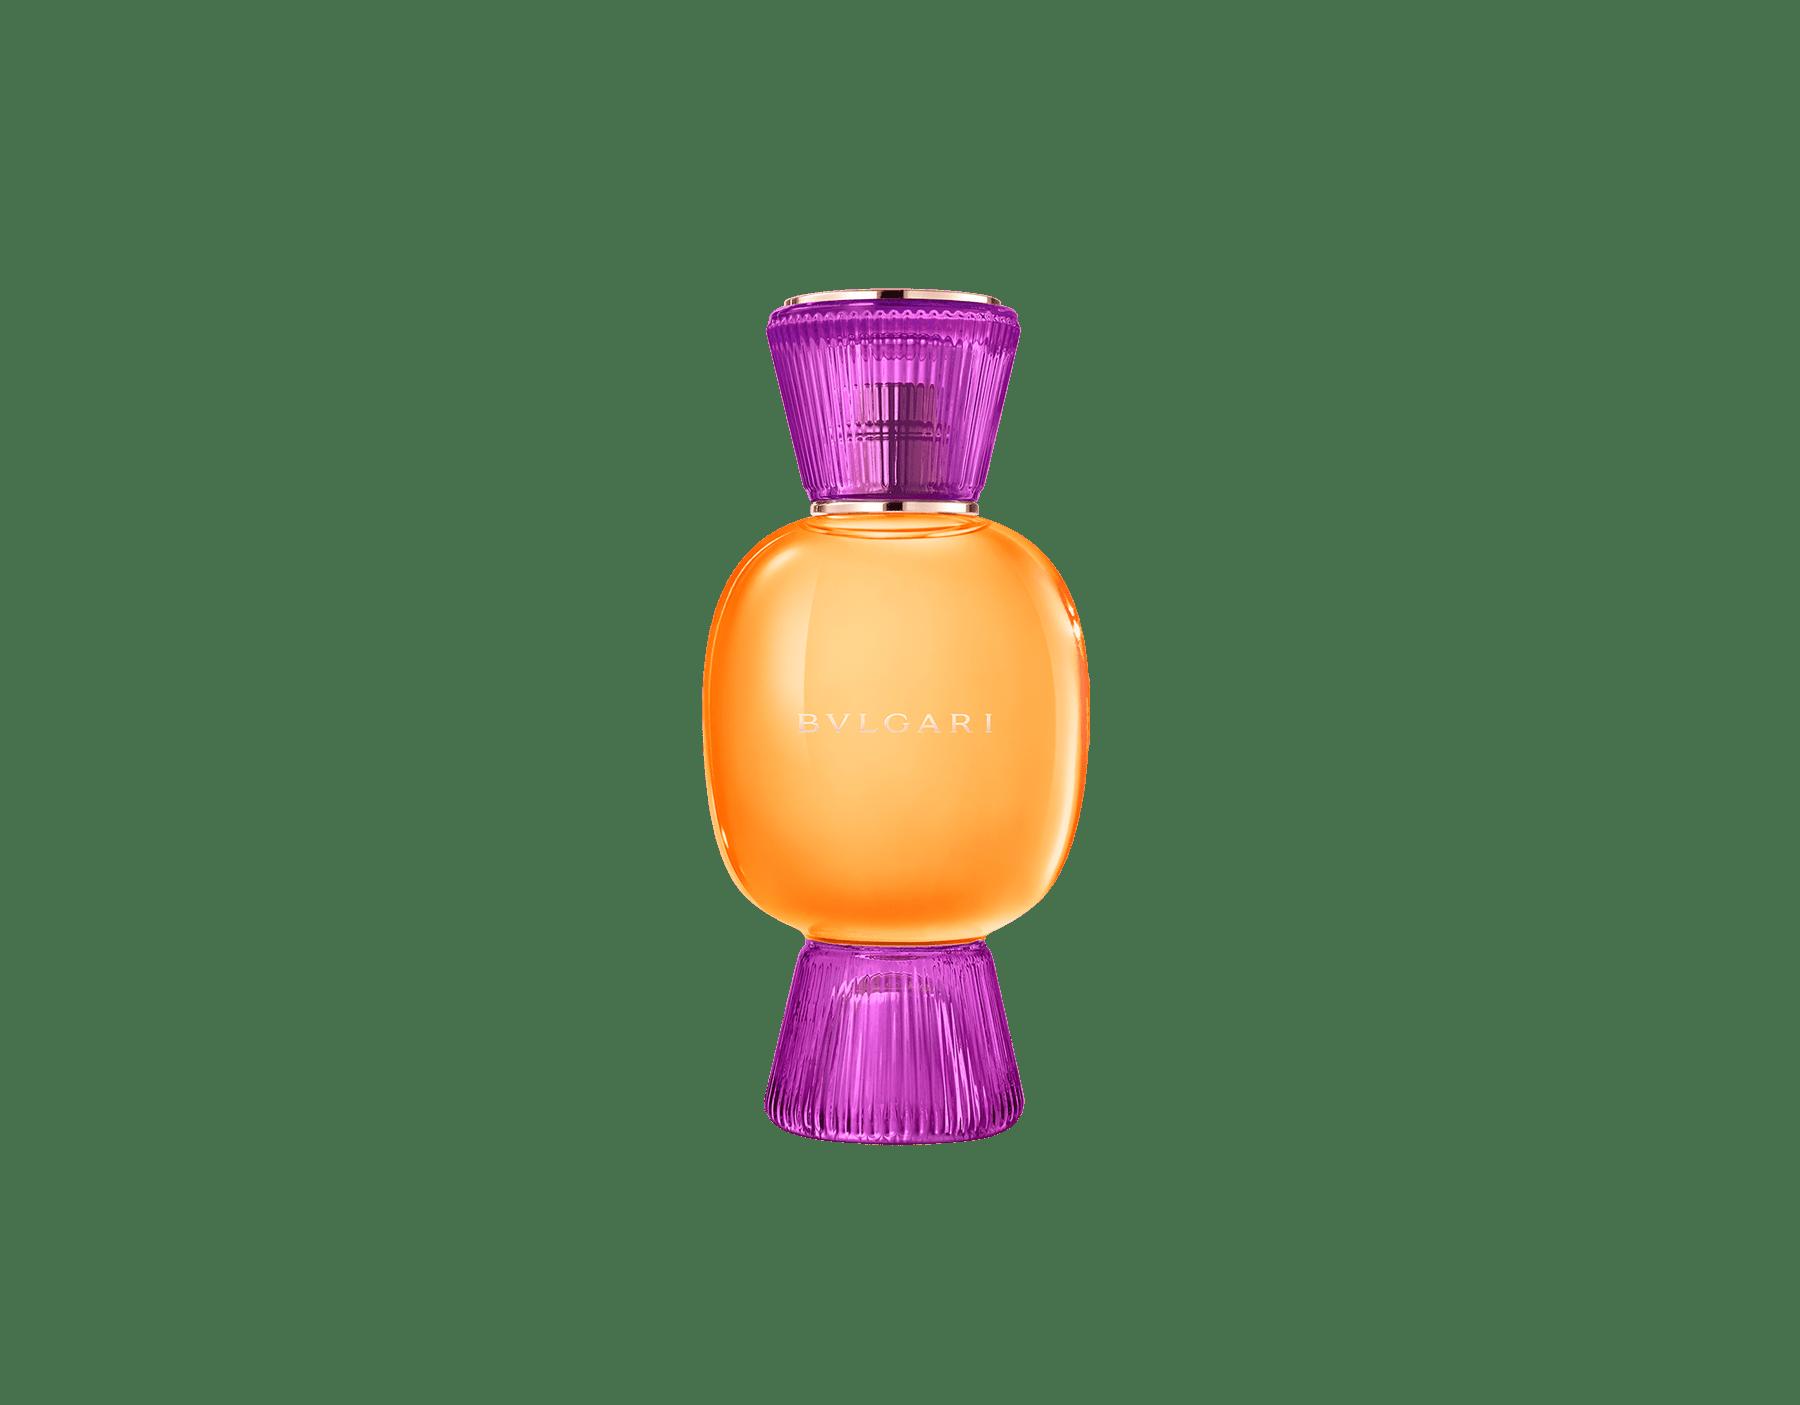 Un coffret de parfums exclusif, aussi unique et audacieux que vous. Liquoreuse et florientale, l'Eau de Parfum Allegra Rock'n'Rome se mêle à la sensualité puissante de l'essence du Magnifying Patchouli pour donner vie à une irrésistible fragrance personnalisée.  Perfume-Set-Rock-n-Rome-and-Patchouli-Magnifying image 2